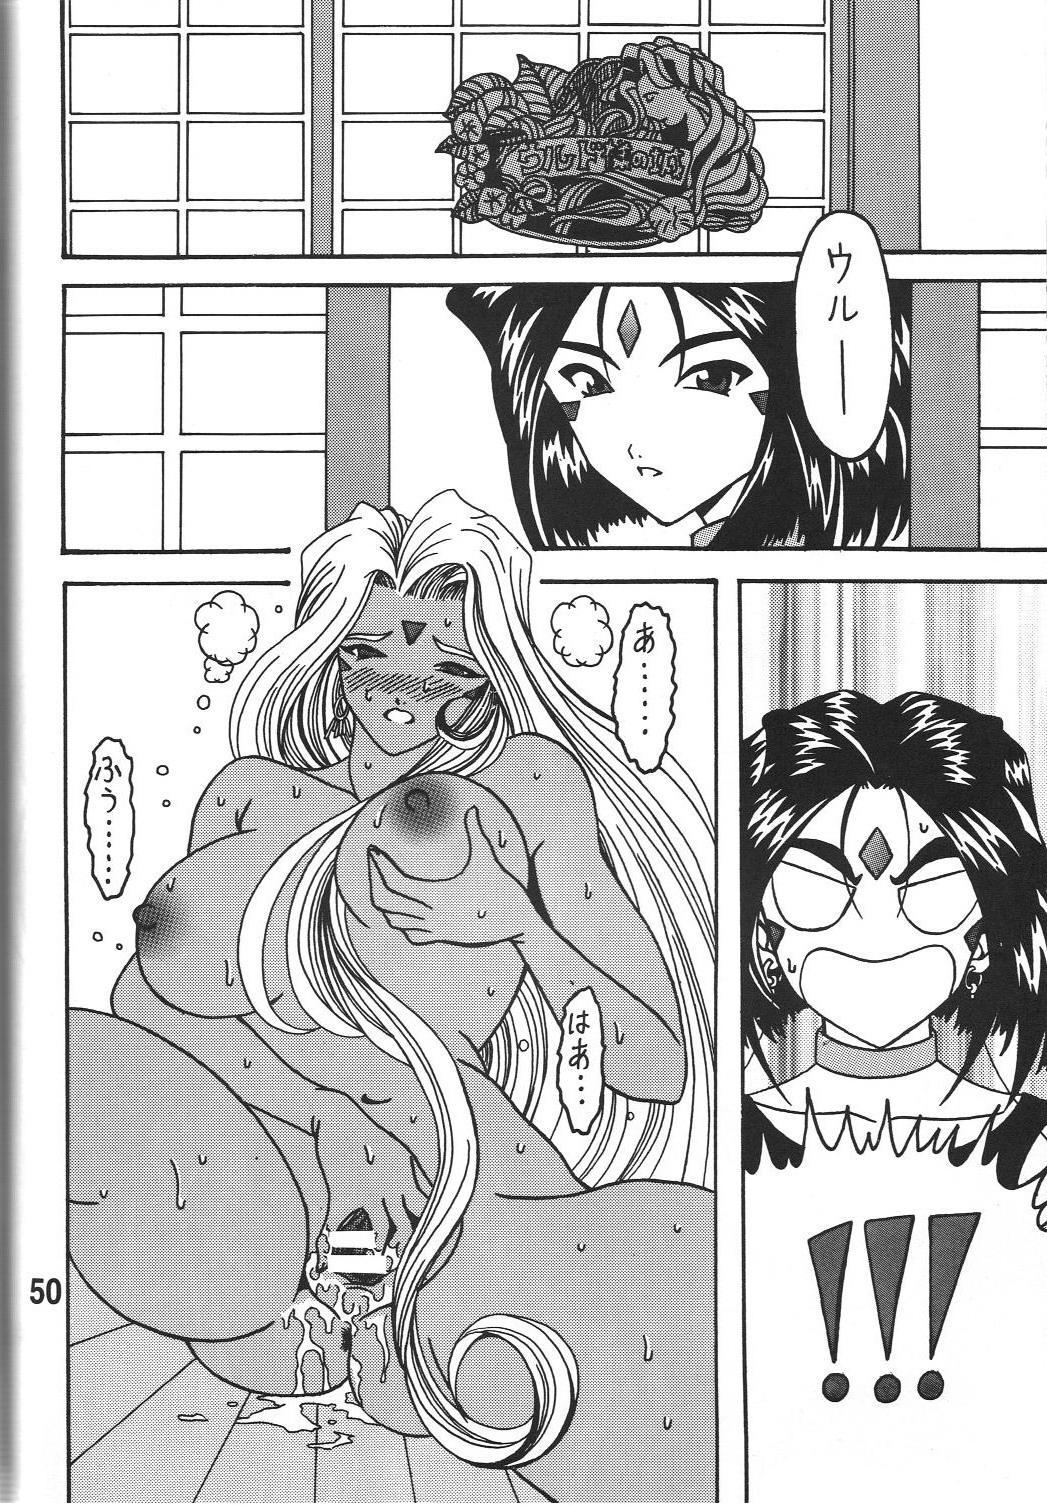 Megami no yuri kago 49